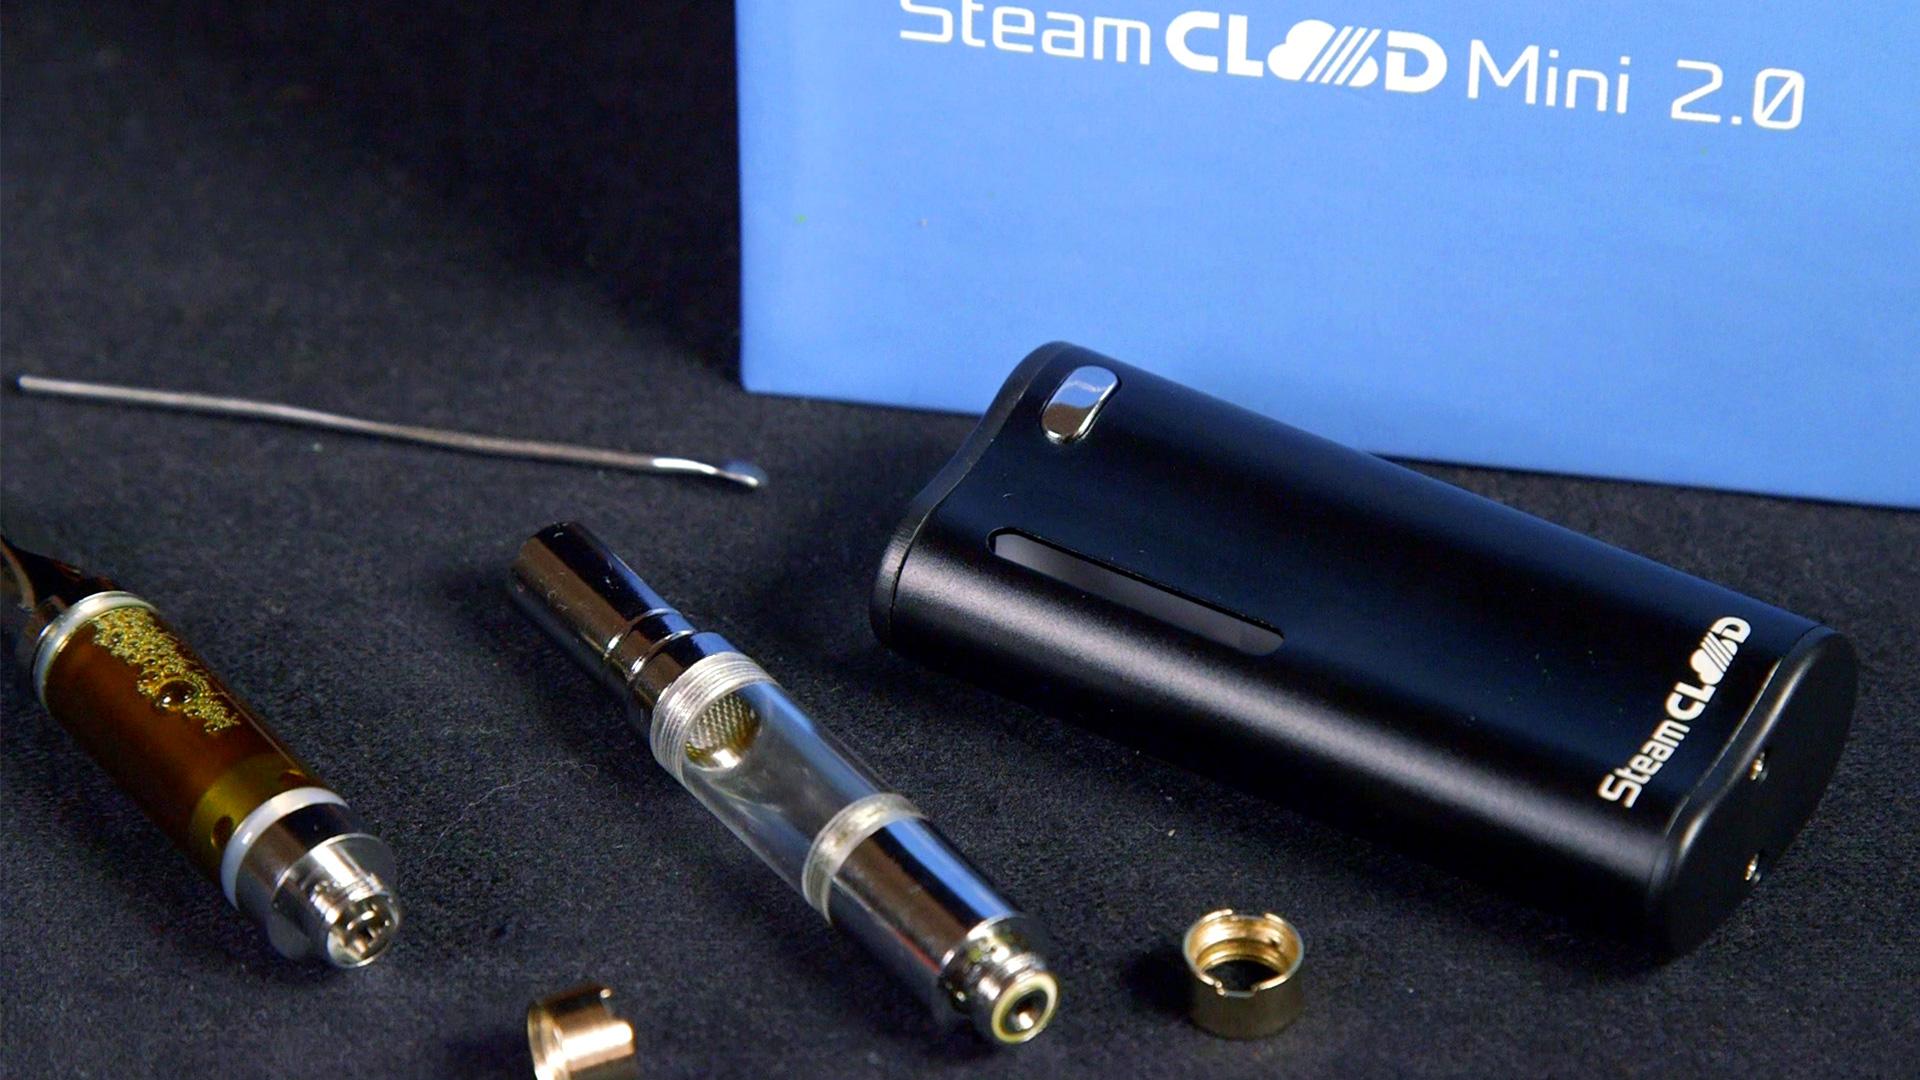 steamcloud-mini-2-review-thumbnail